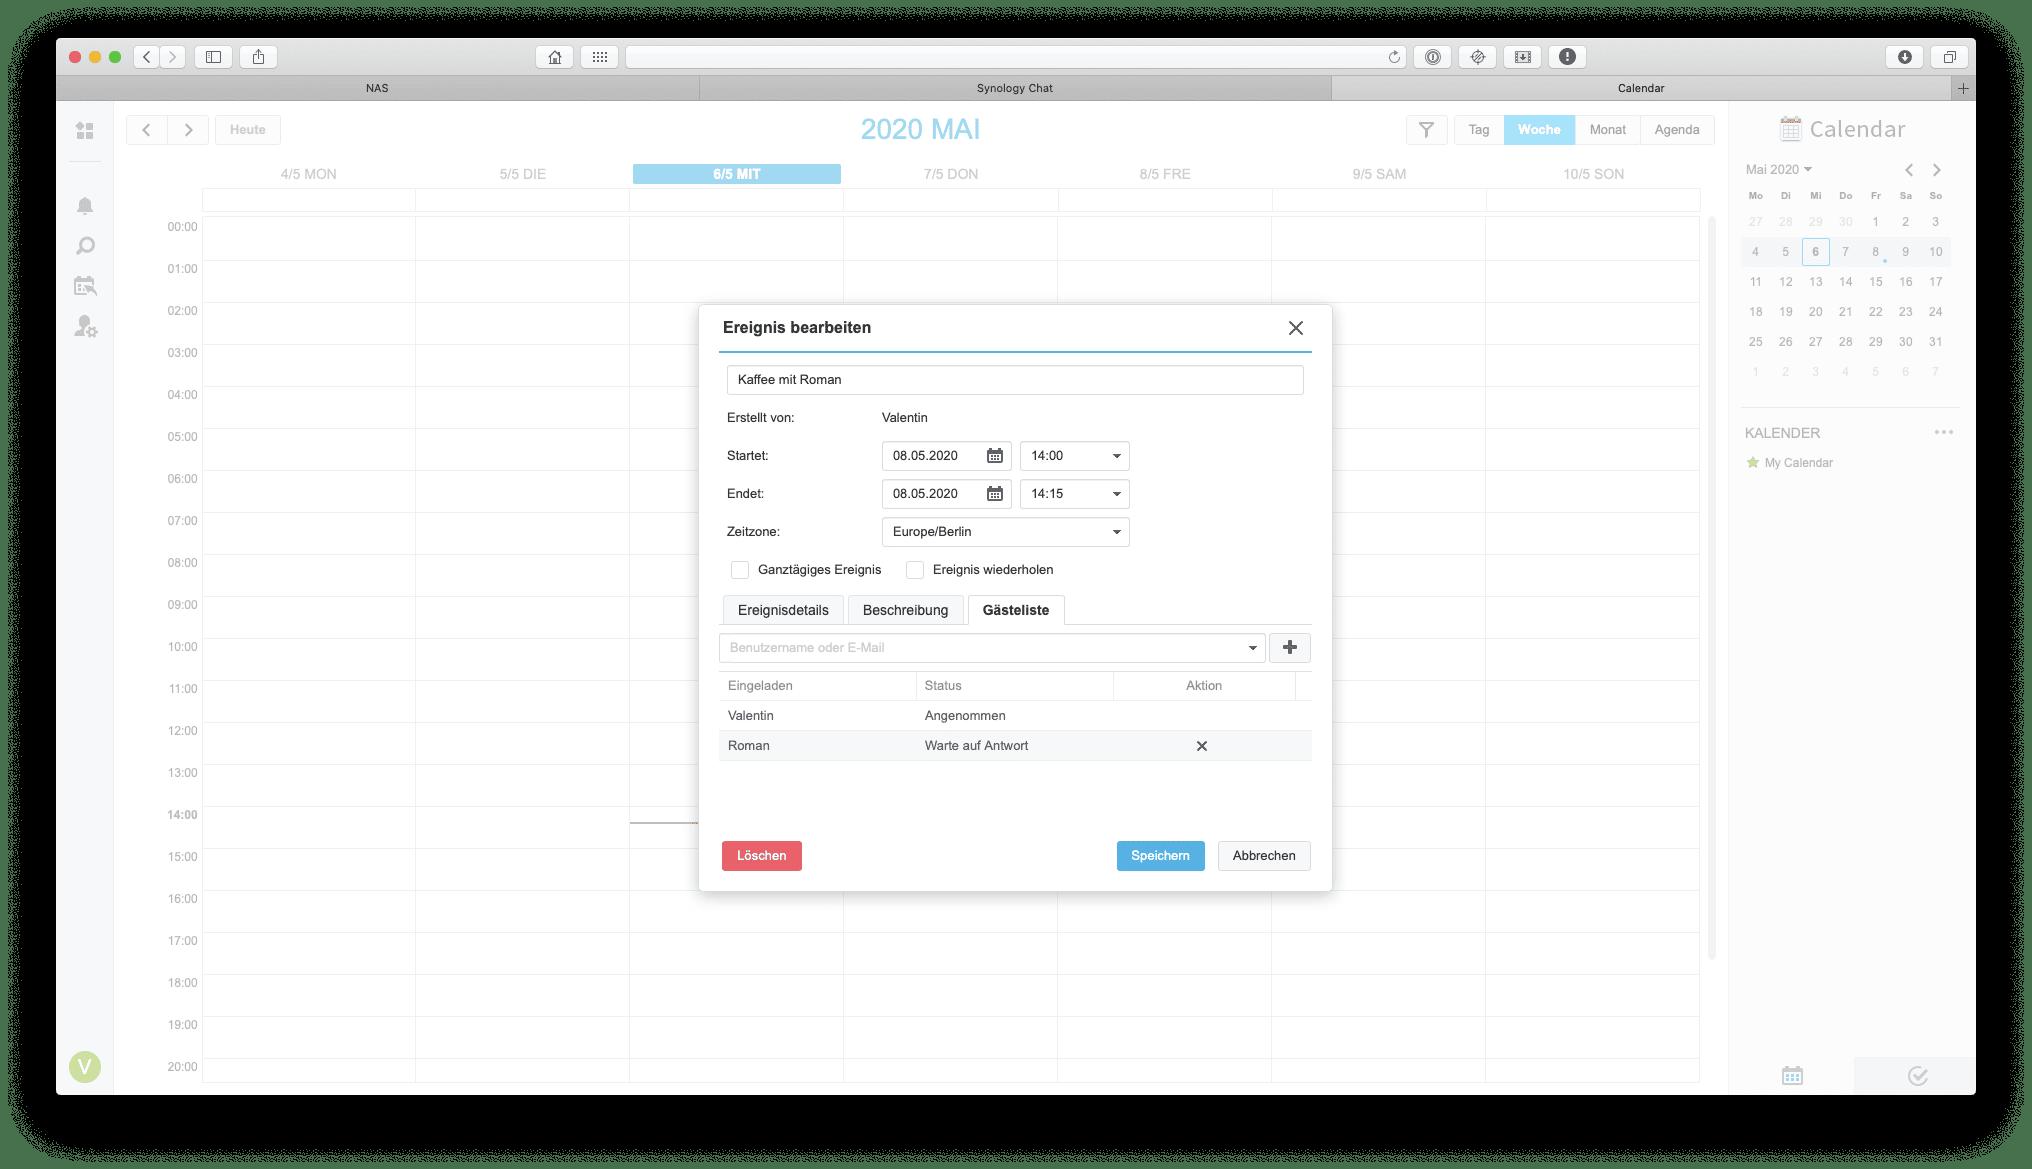 Das nahtlose Ineinandergreifen der NAS-Anwendungen ist auch beim Kalendereintrag von Vorteil